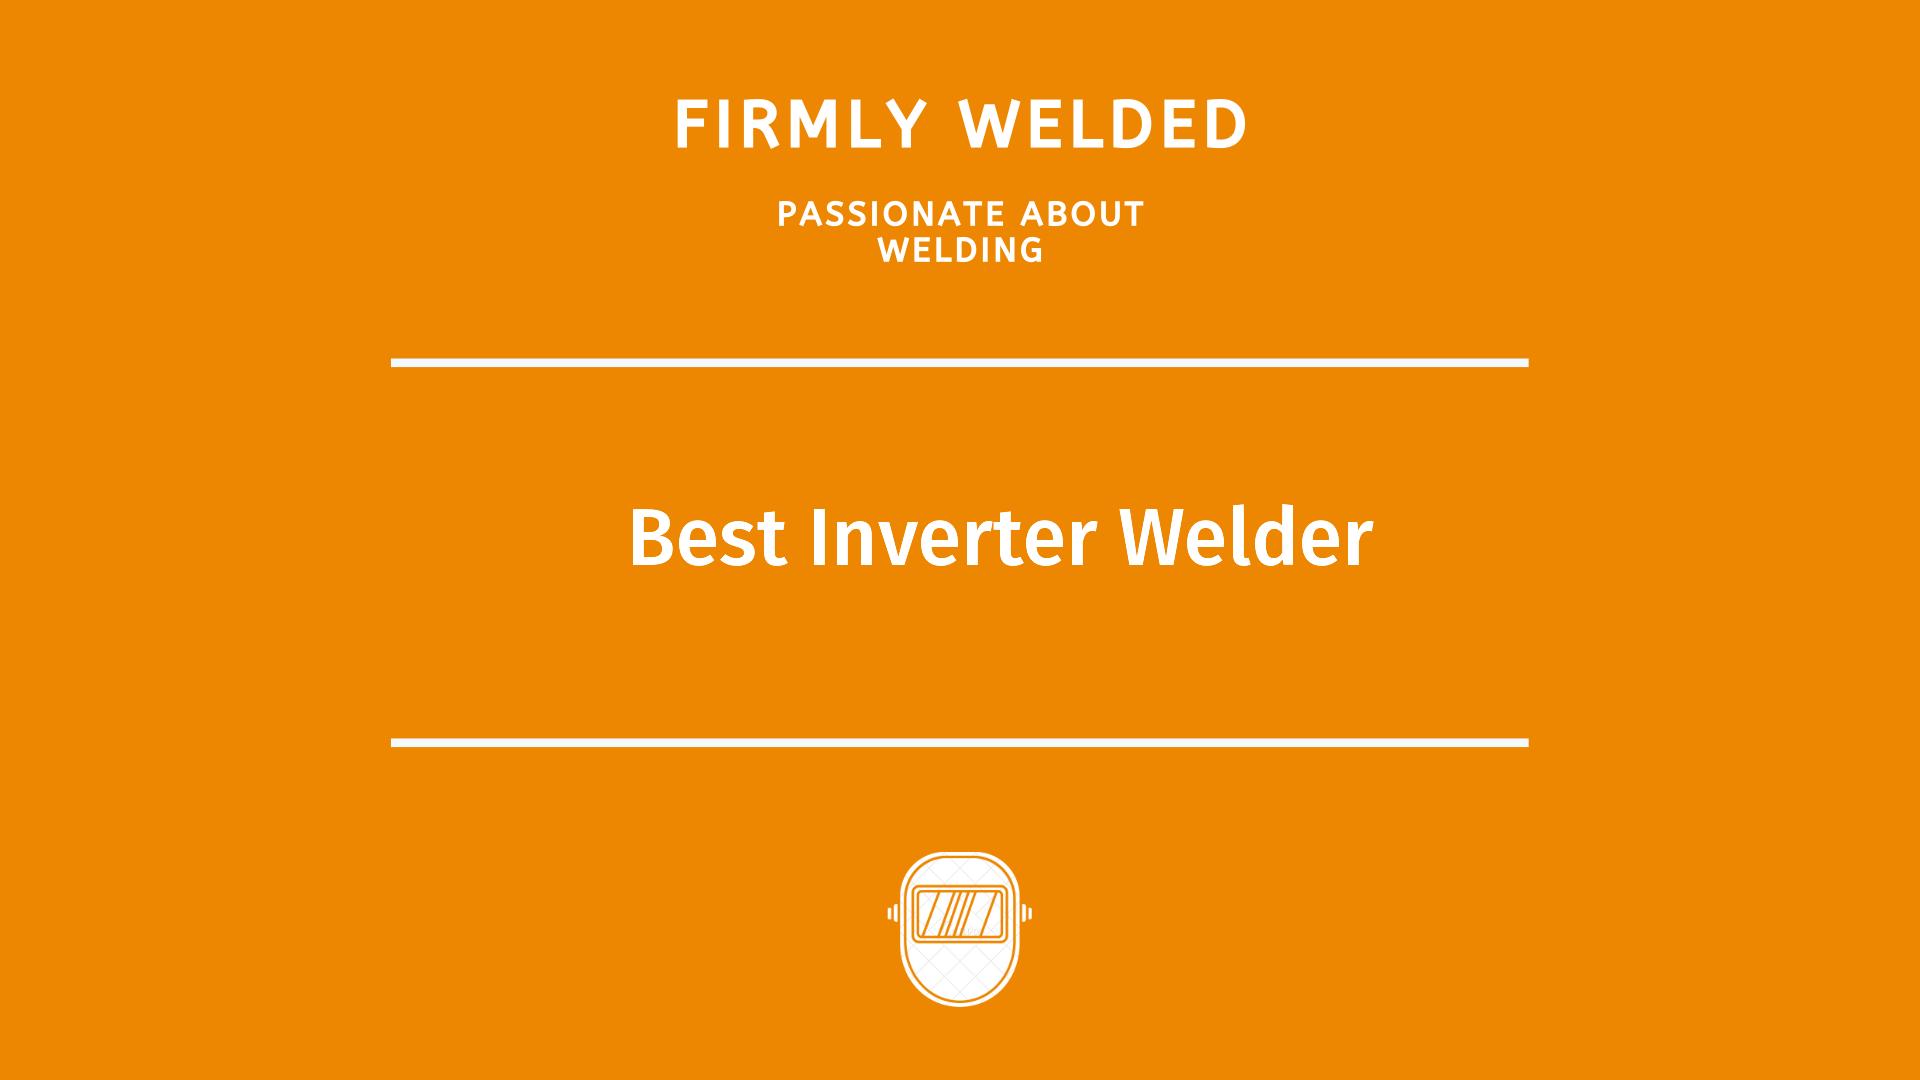 Best Inverter Welder